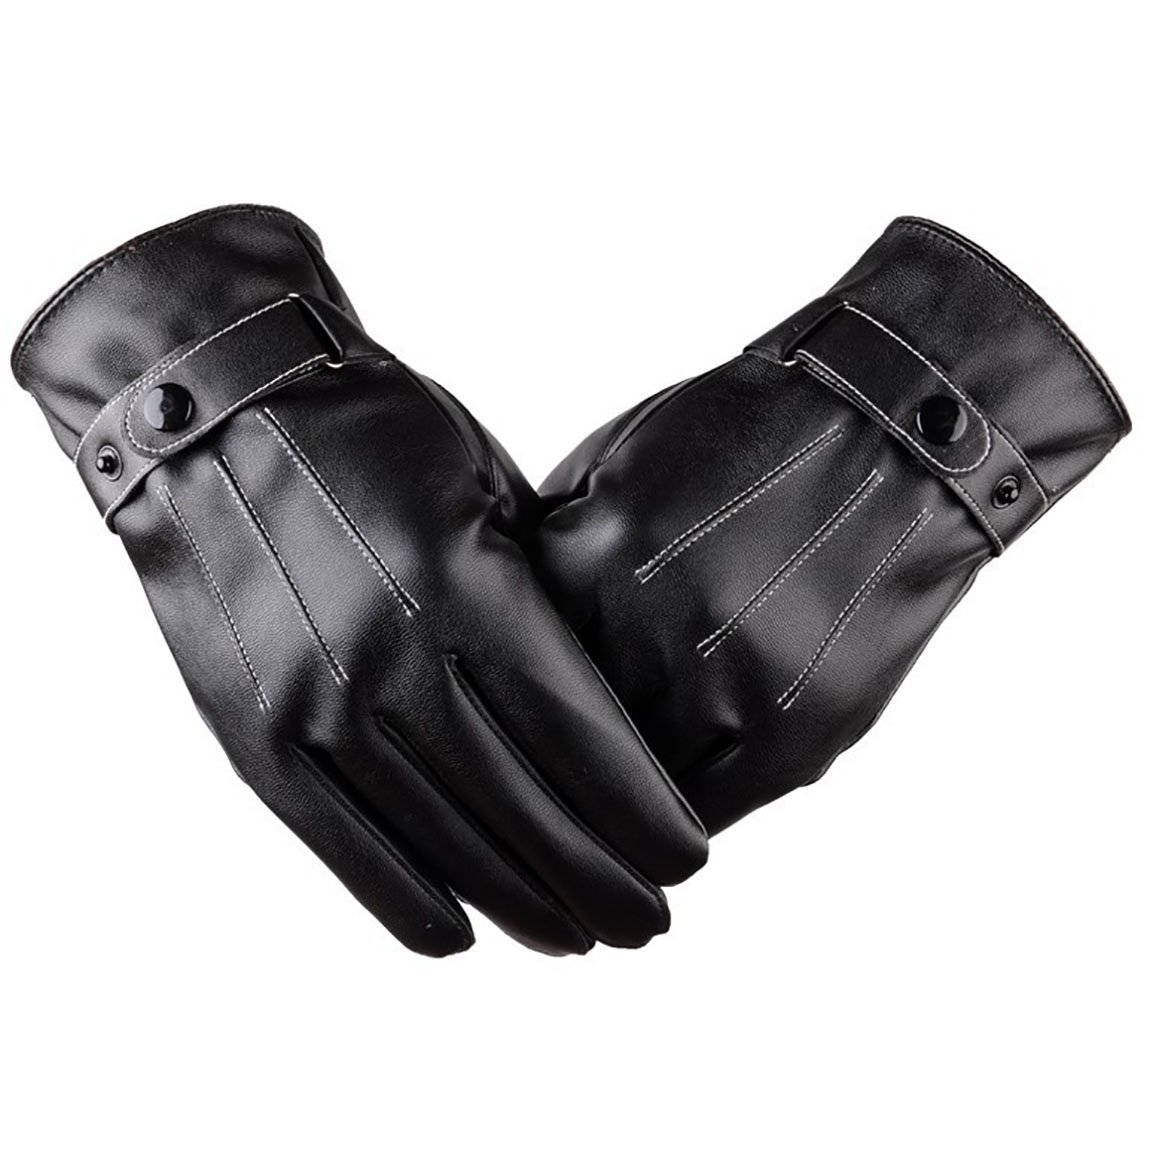 Alleza Guanti Uomo Invernali in Pelle PU Touch Sreen Guanti Felpa Fodera Caldi da Moto Bici Outdoor ST18949-01-N/Al